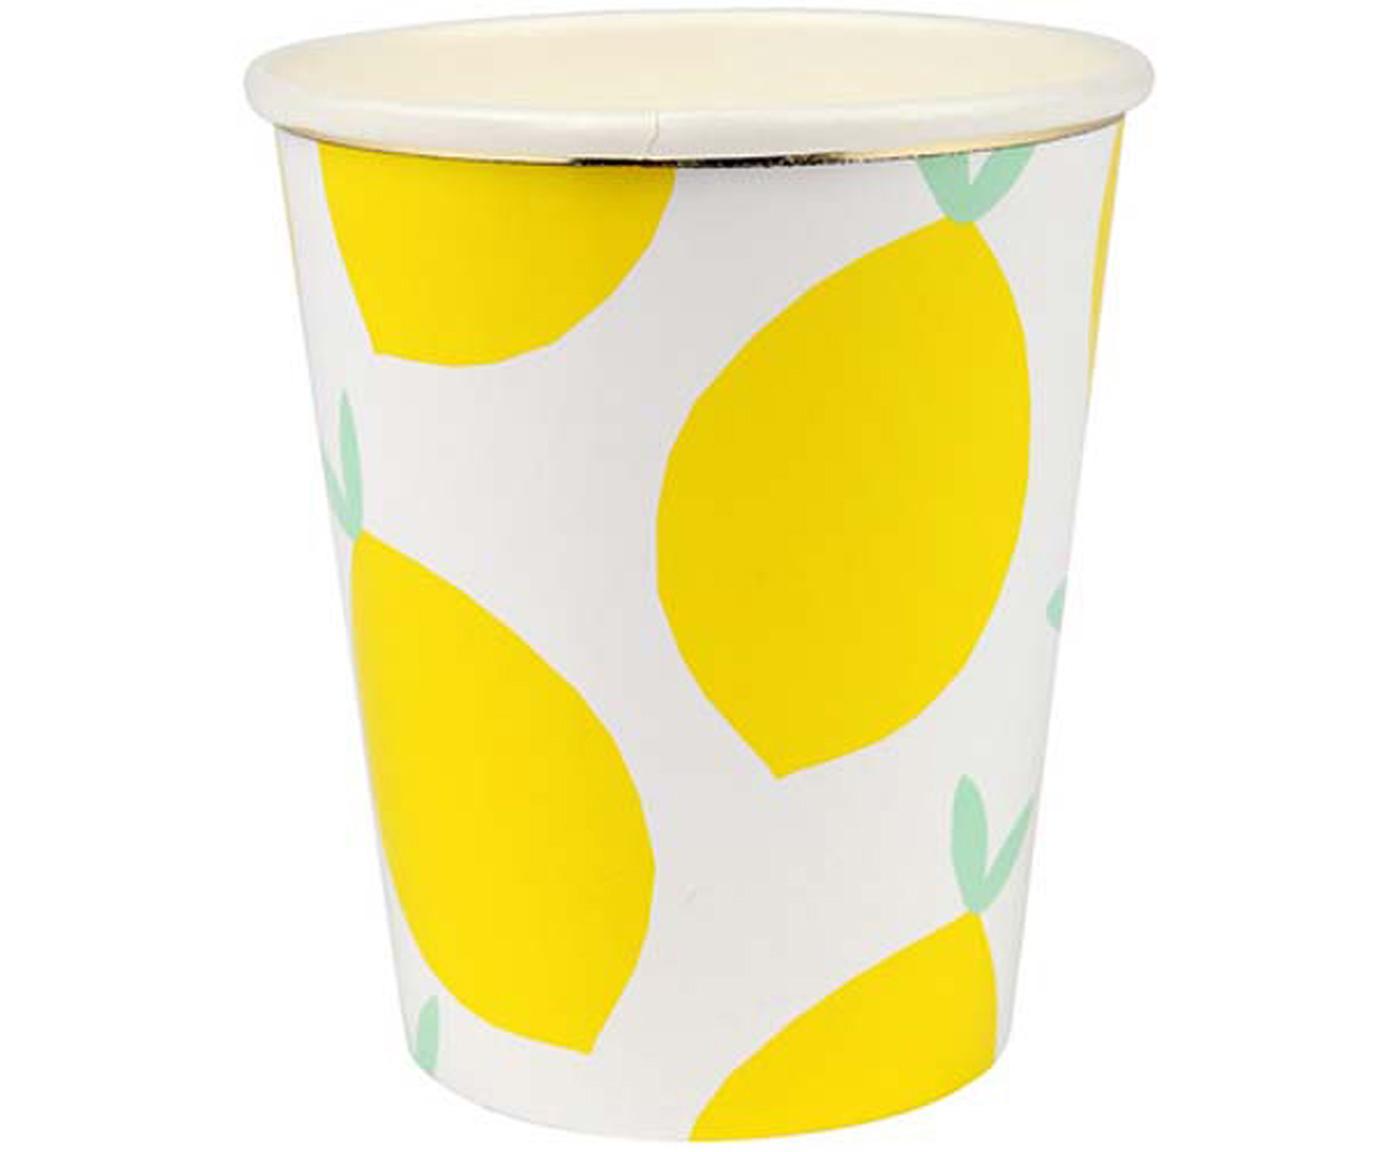 Vasos de papel Lemon, 8uds., Papel, foliert, Blanco, amarillo, verde, Ø 8 x Al 8 cm